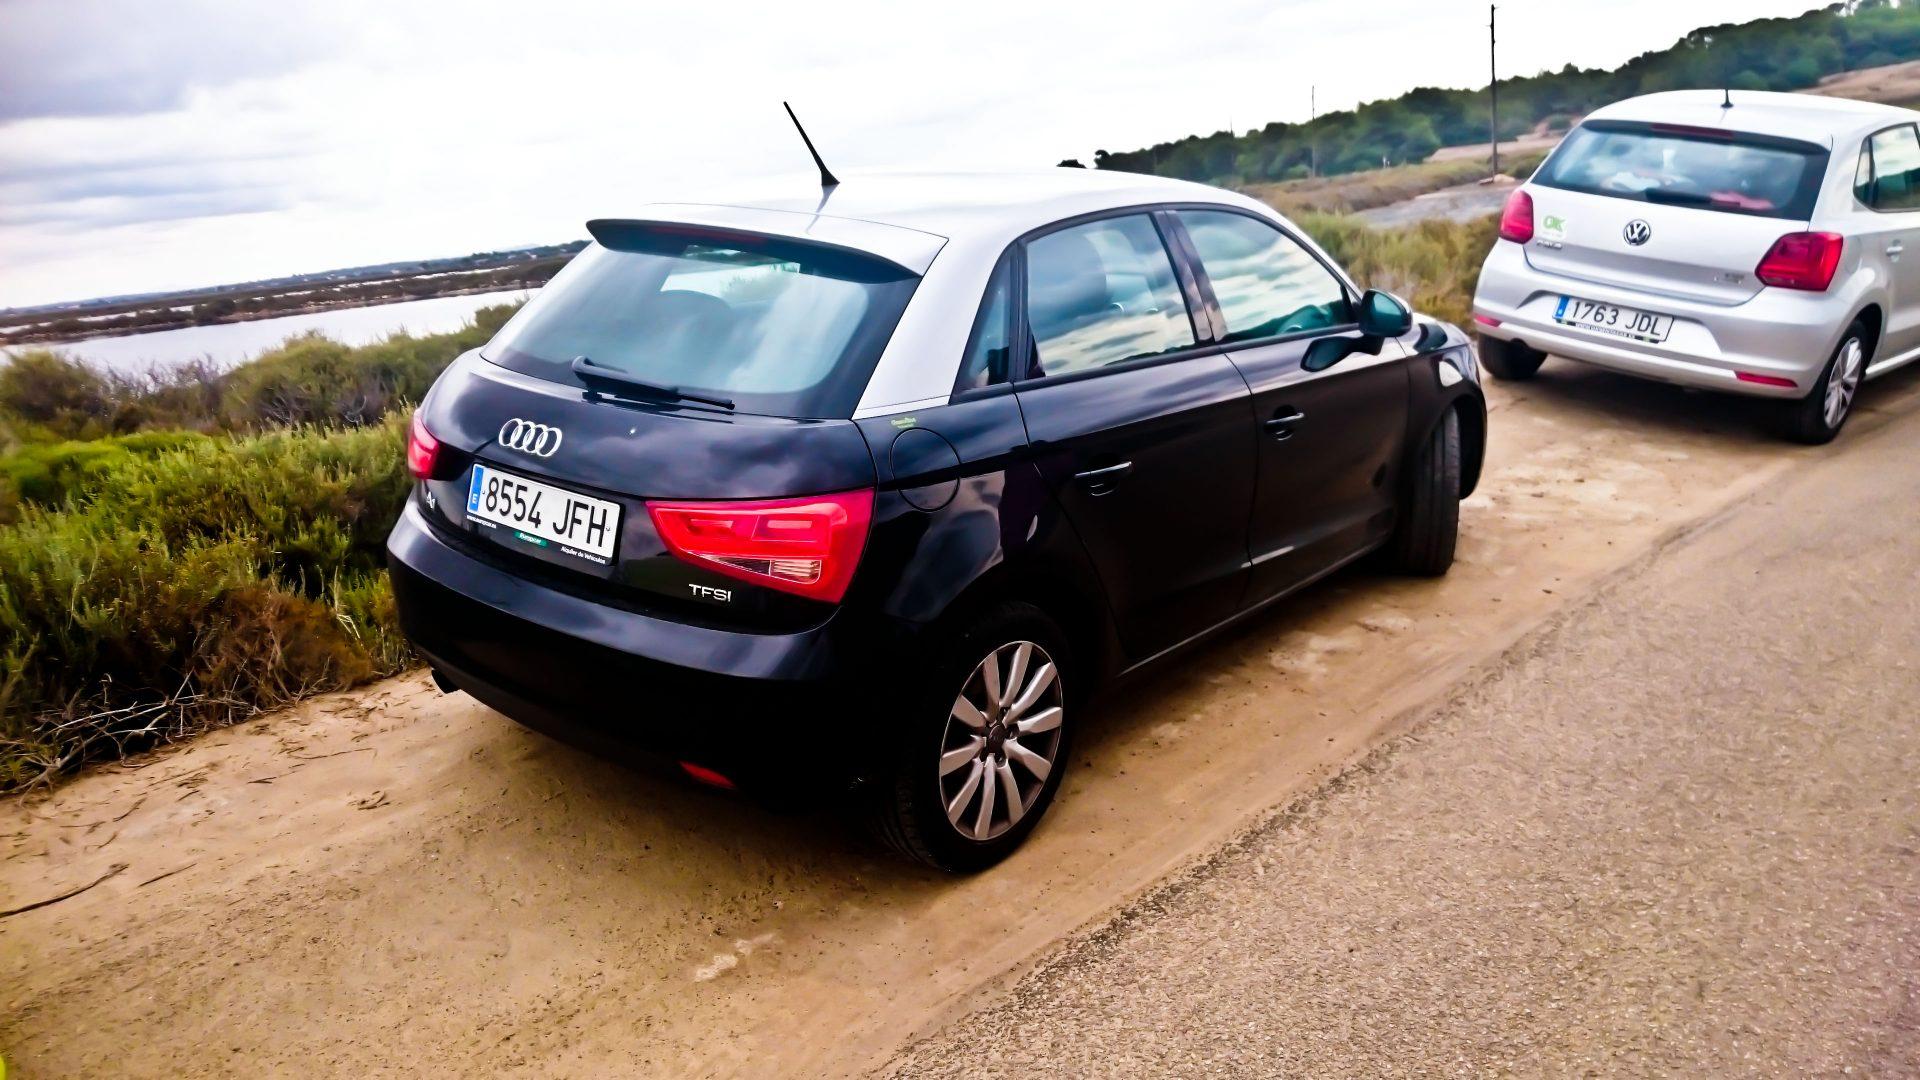 Europcar: Cu Audi A1 prin Mallorca